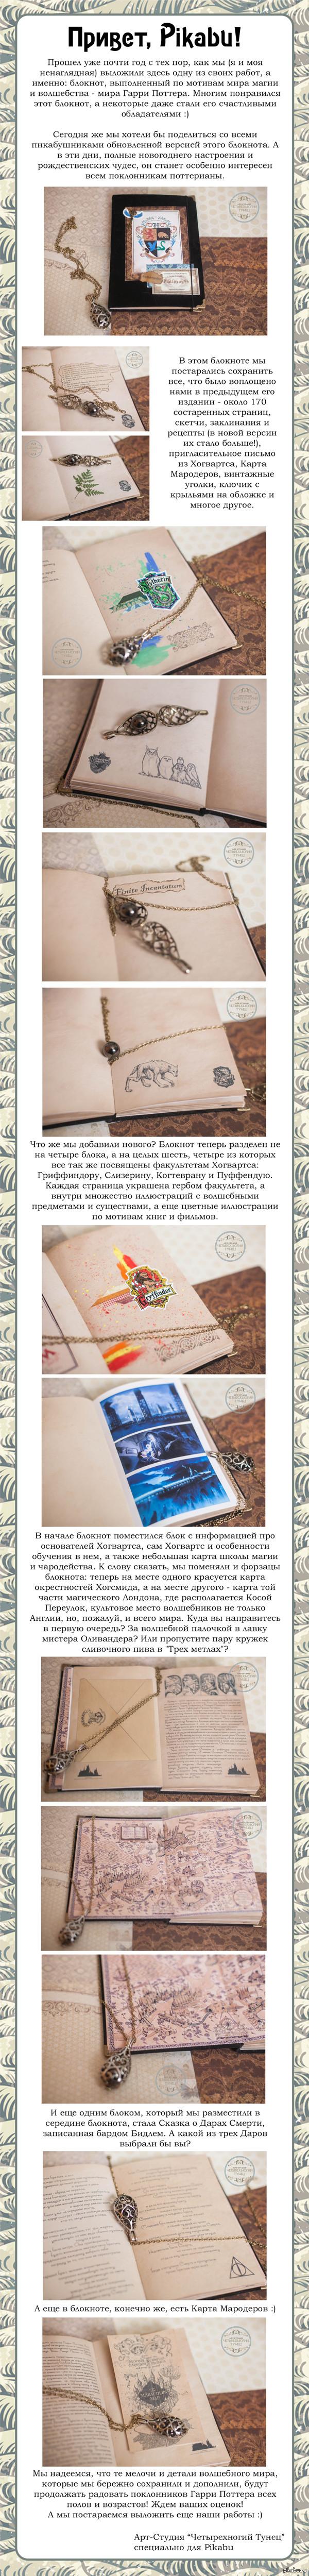 Hand-made: блокнот по мотивам Гарри Поттера (обновленная версия)